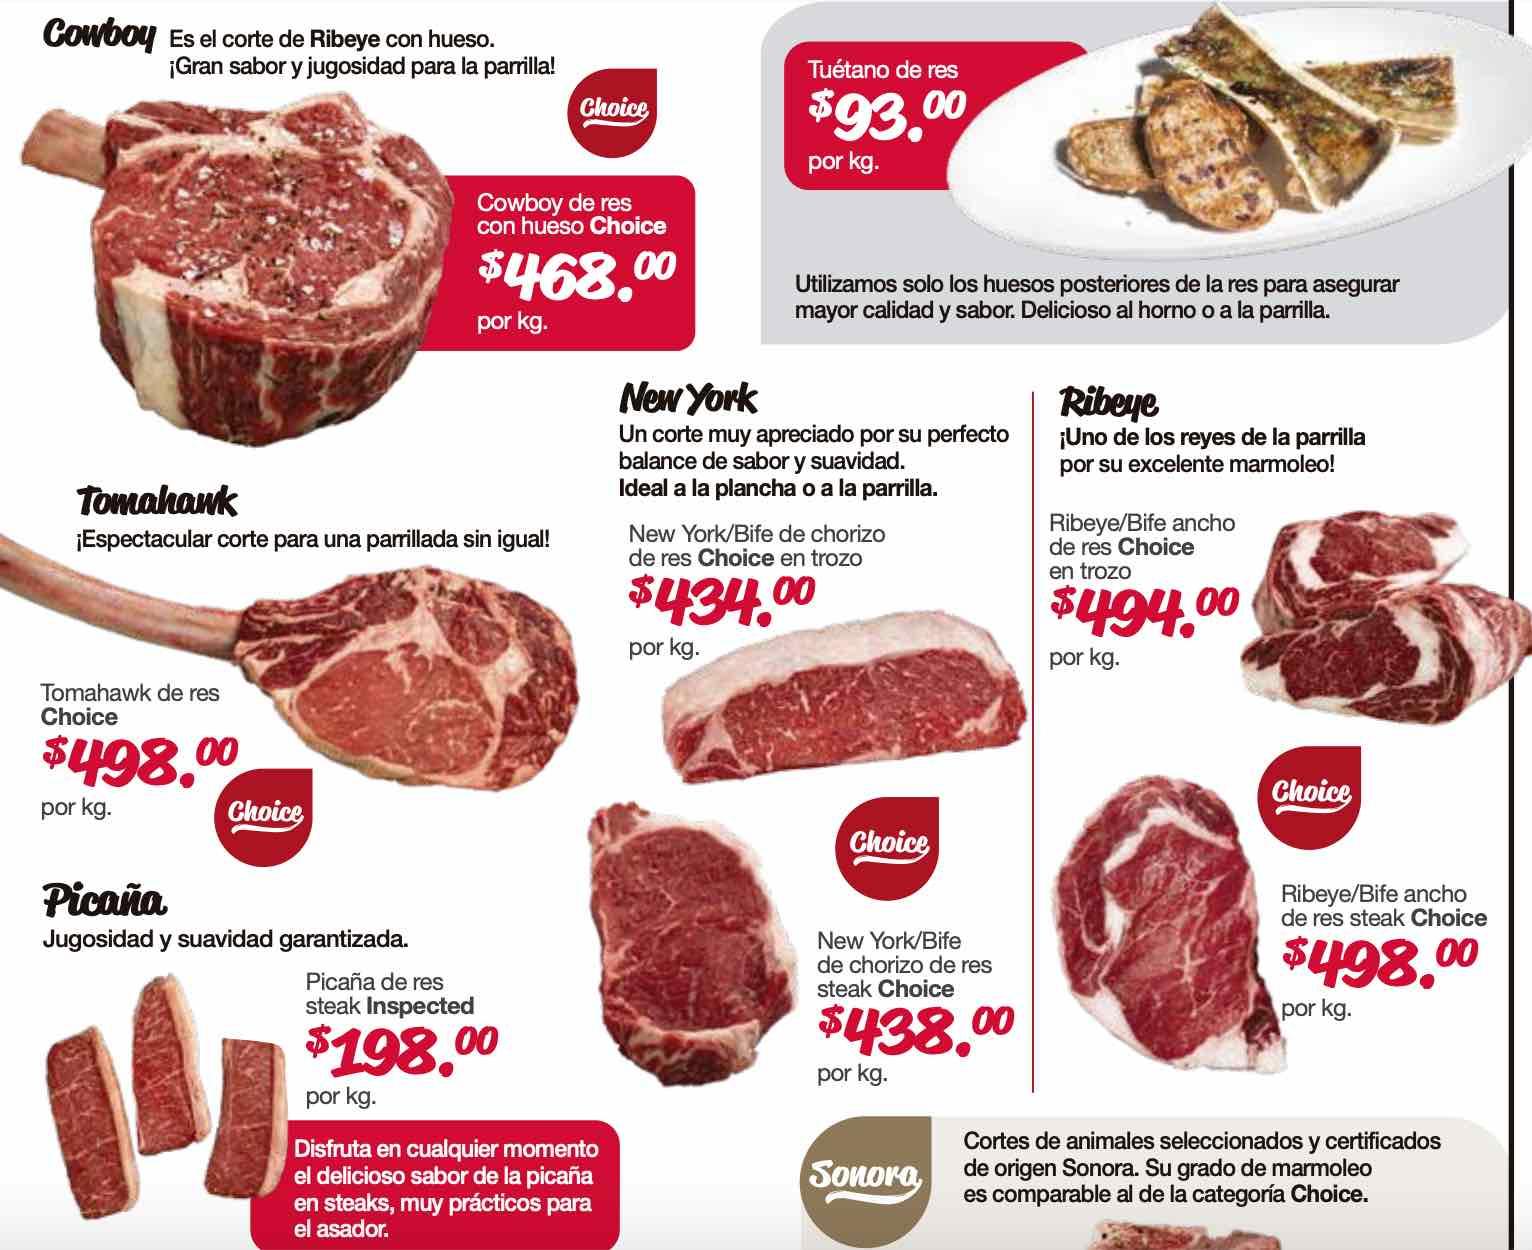 MeatMe, donde comprar excelentes cortes de carne en México.